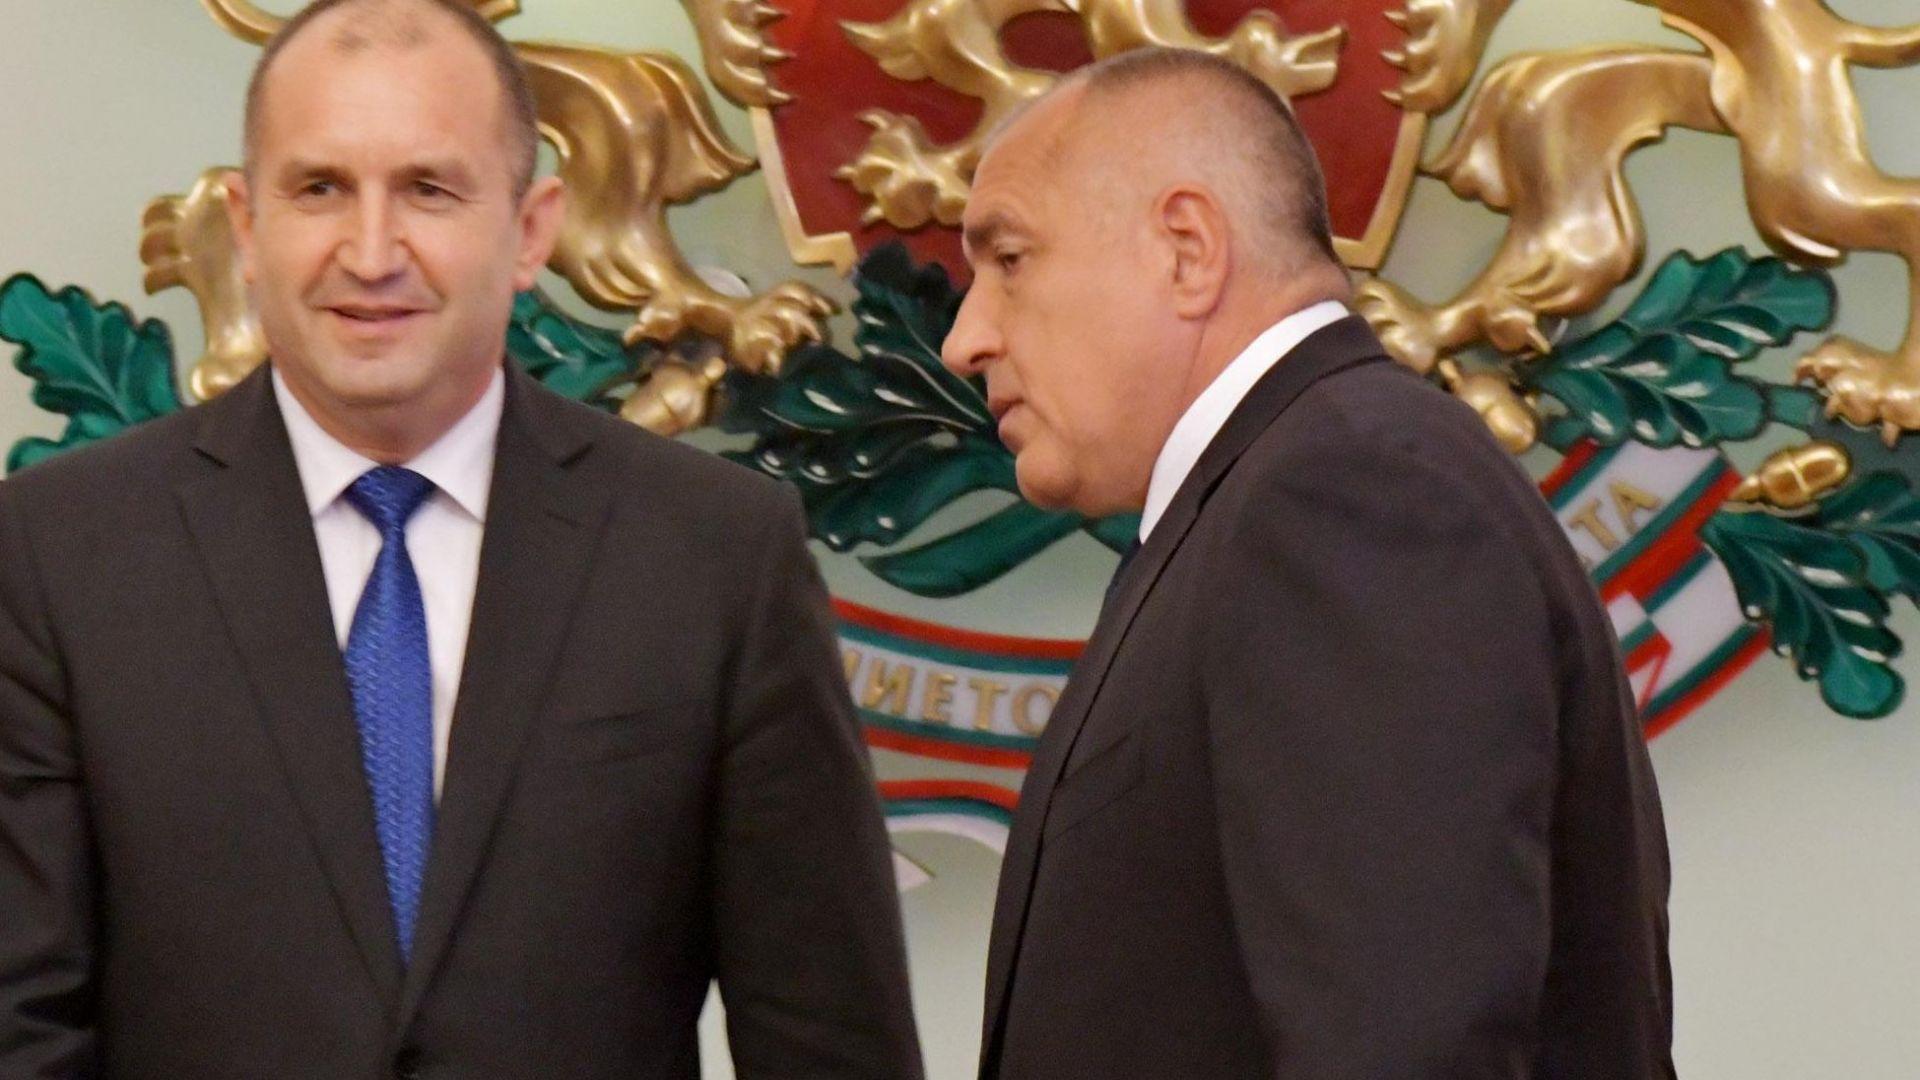 Бойко Борисов: Още през декември свалих доверието от Румен Радев